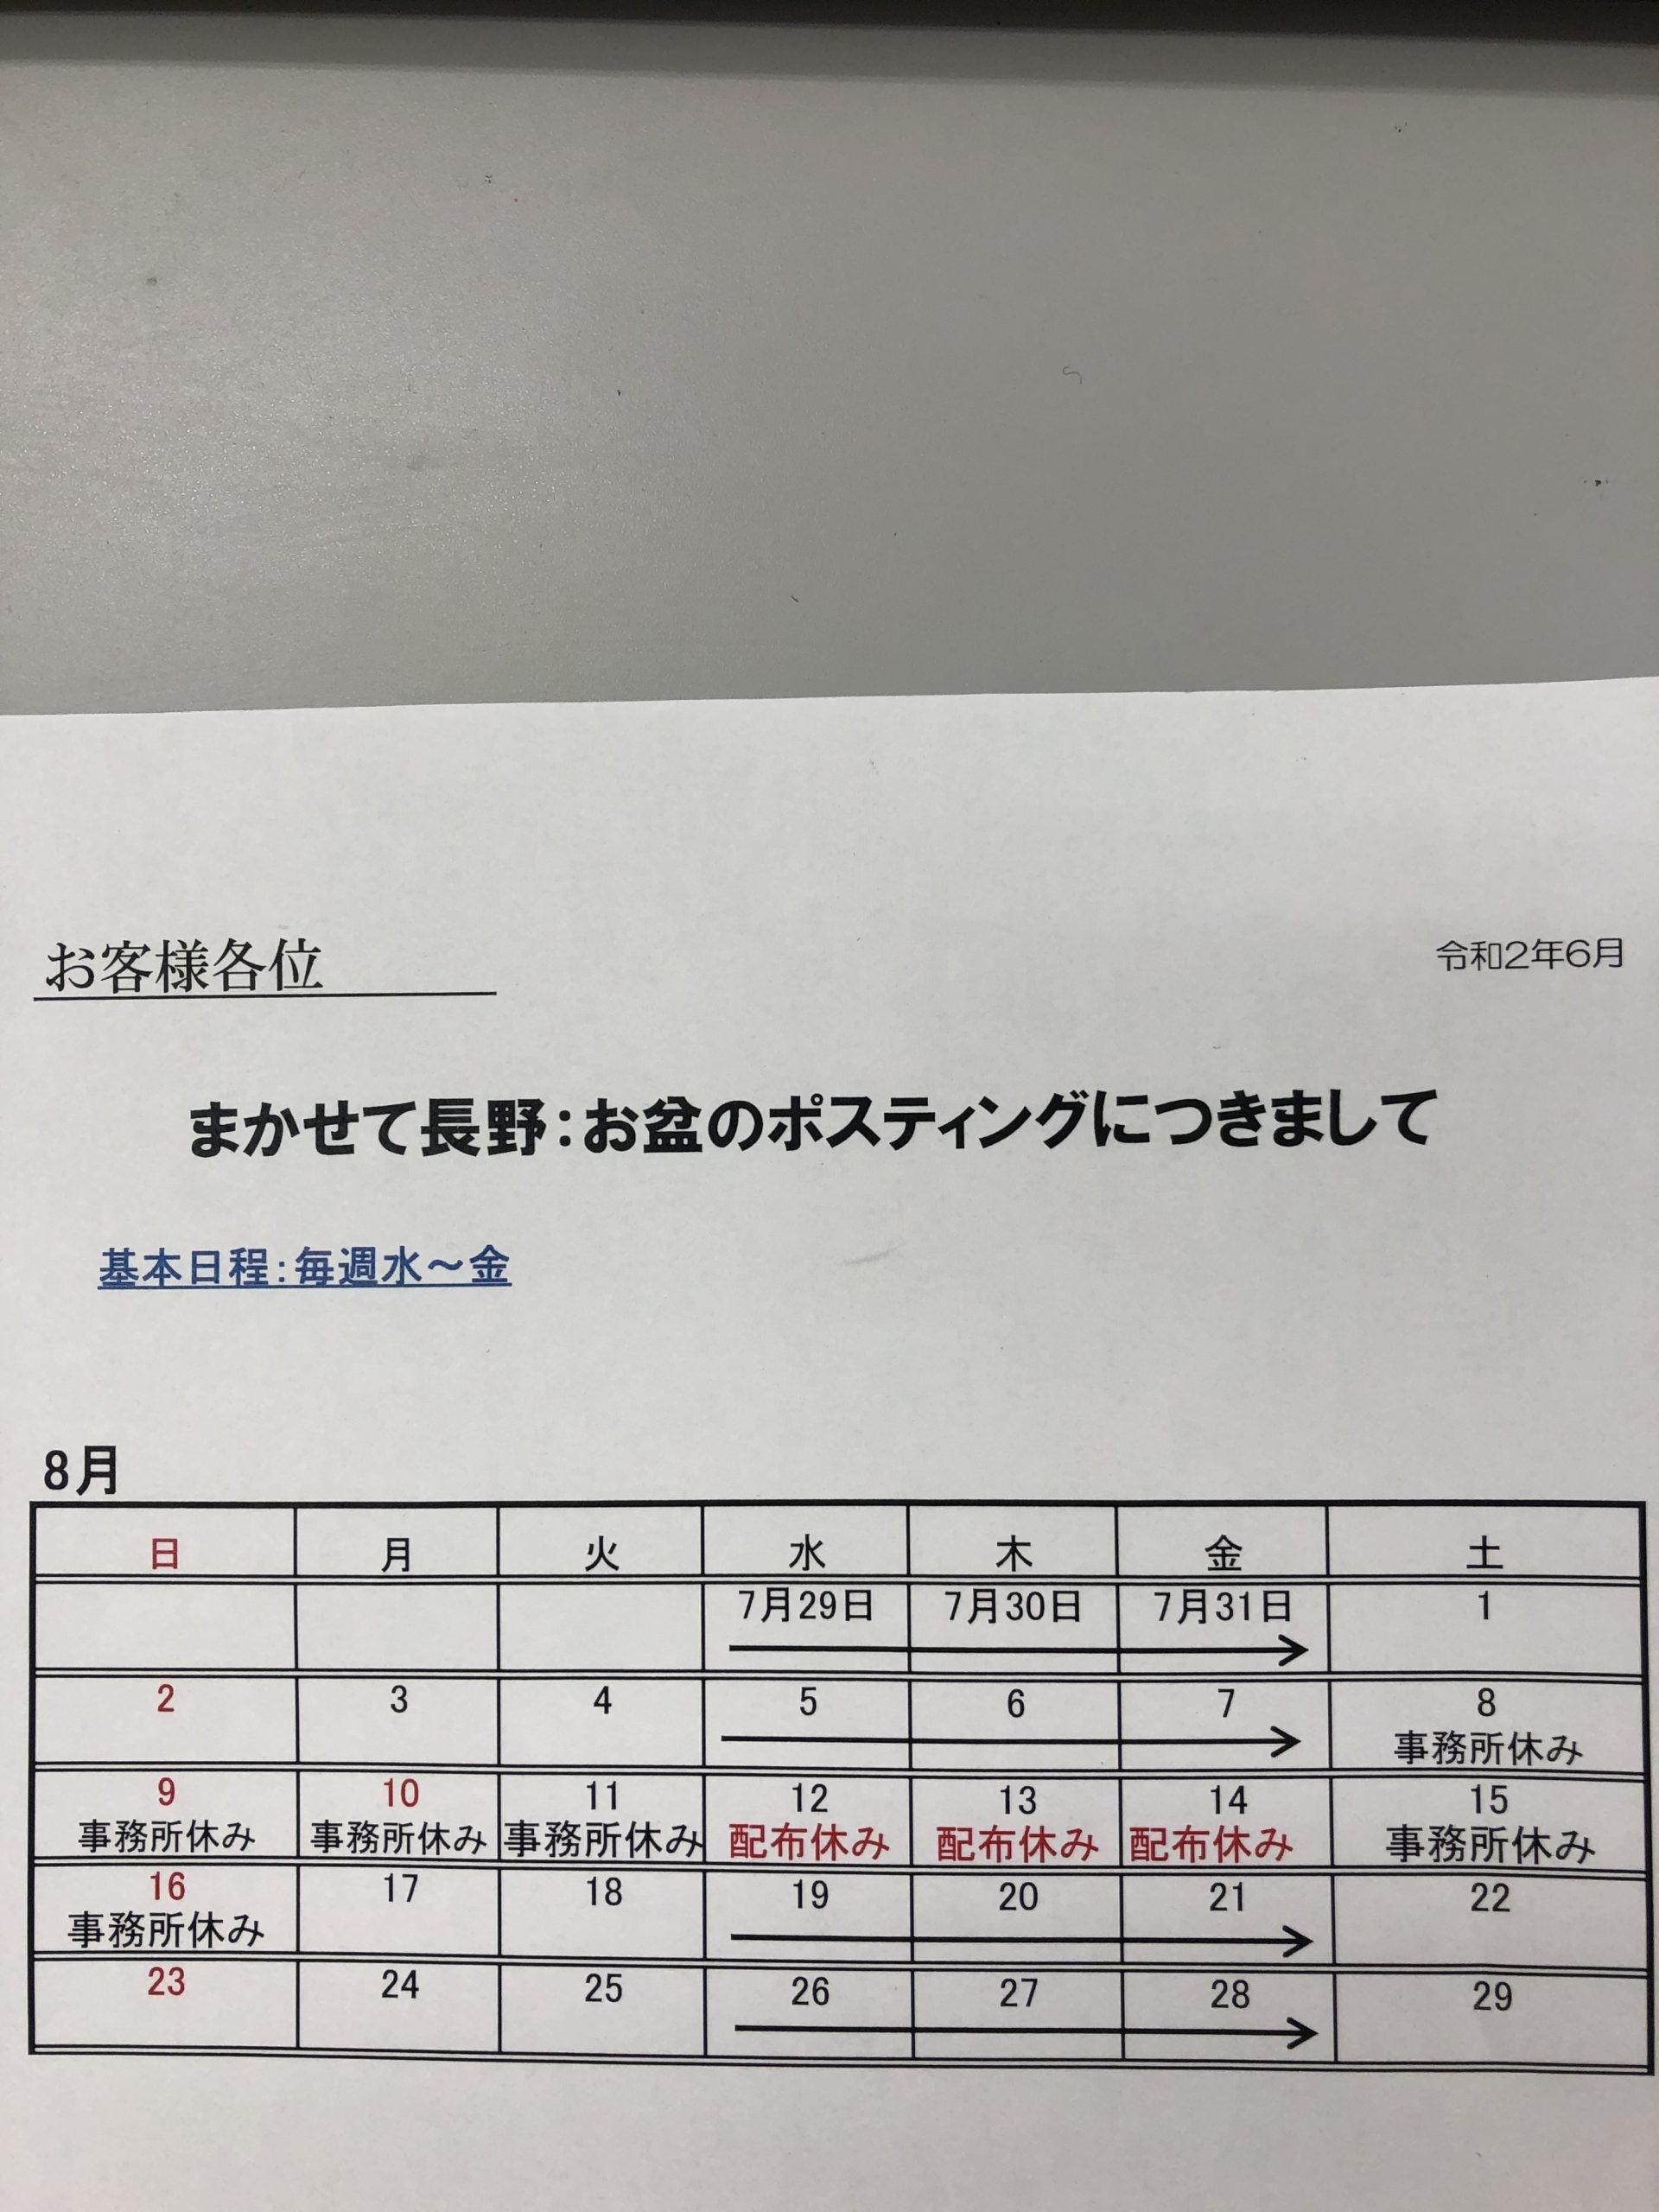 まかせて長野 お盆のスケジュールのお知らせ